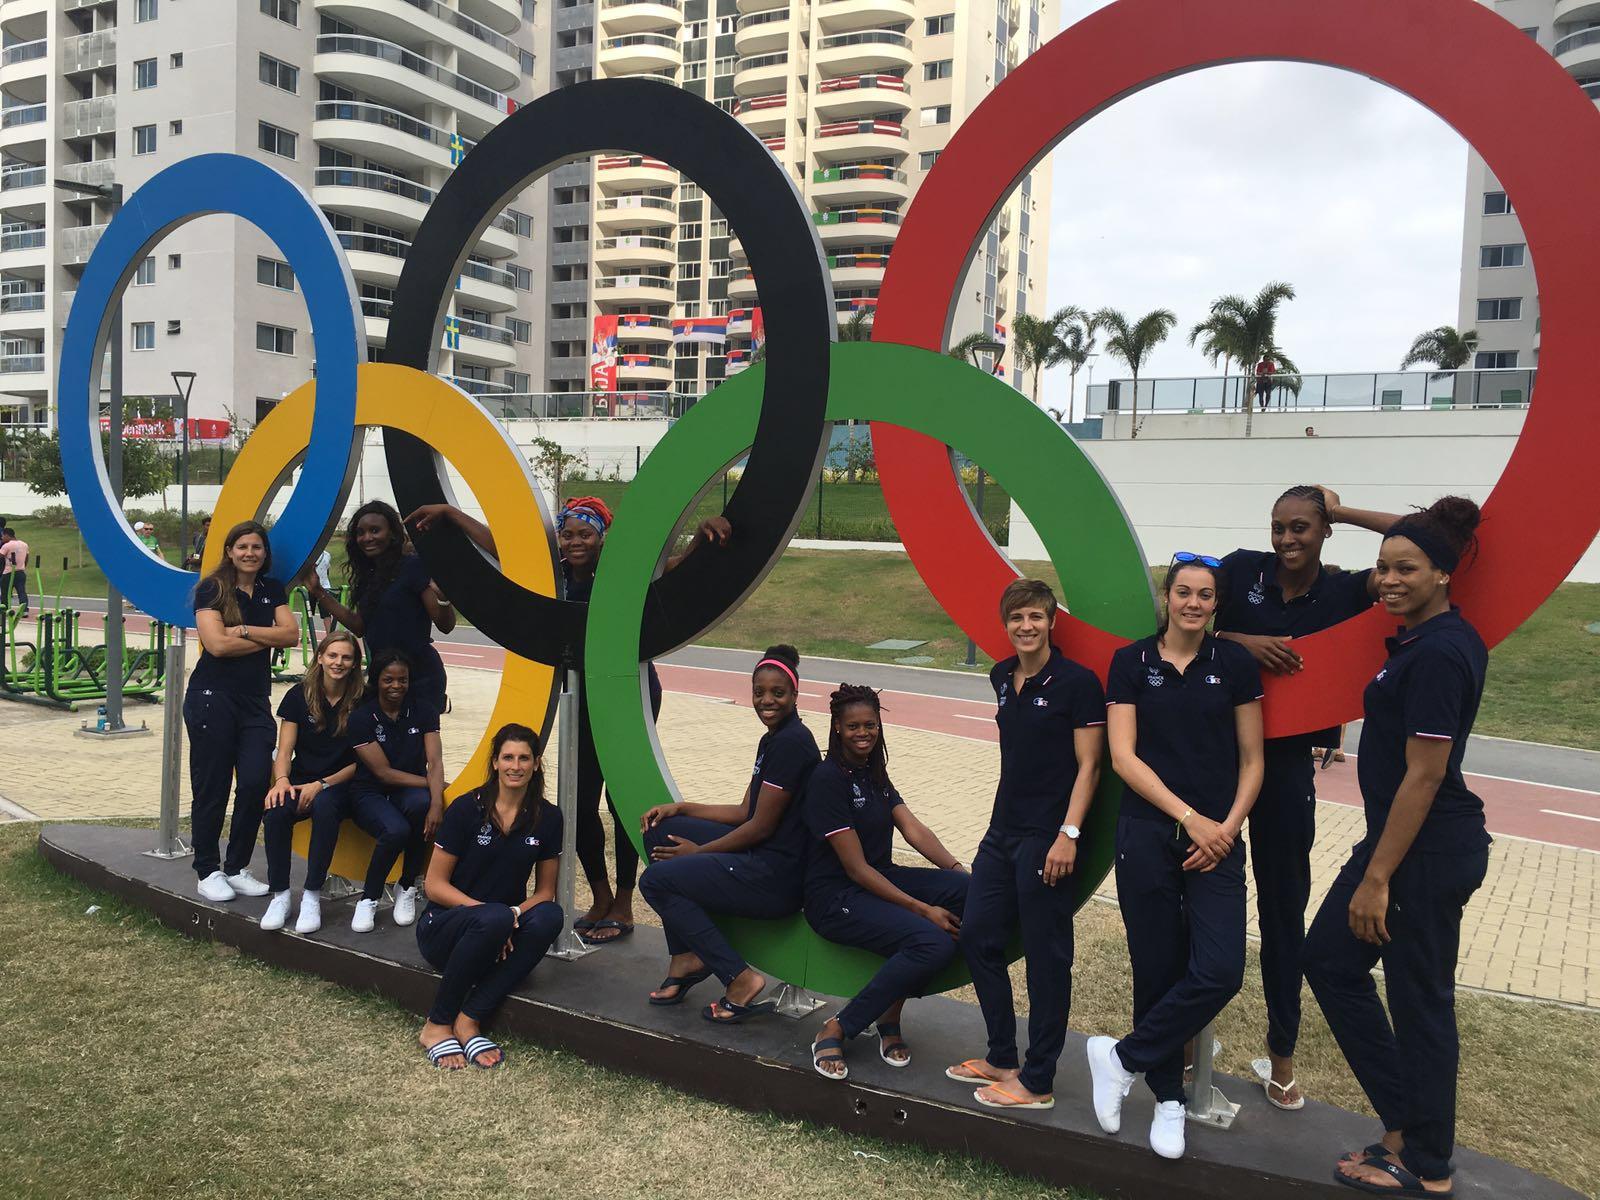 12 - 8 - 1 sont les numéros à retenir! 12 jeunes femmes motivées, déterminées, heureuses de se retrouver toutes ensemble dans cette aventure planétaire! 8 matchs: Turquie, Biélorussie, Australie, Brésil, Japon, Canada, USA et Serbie 1 objectif: Faire une médaille !